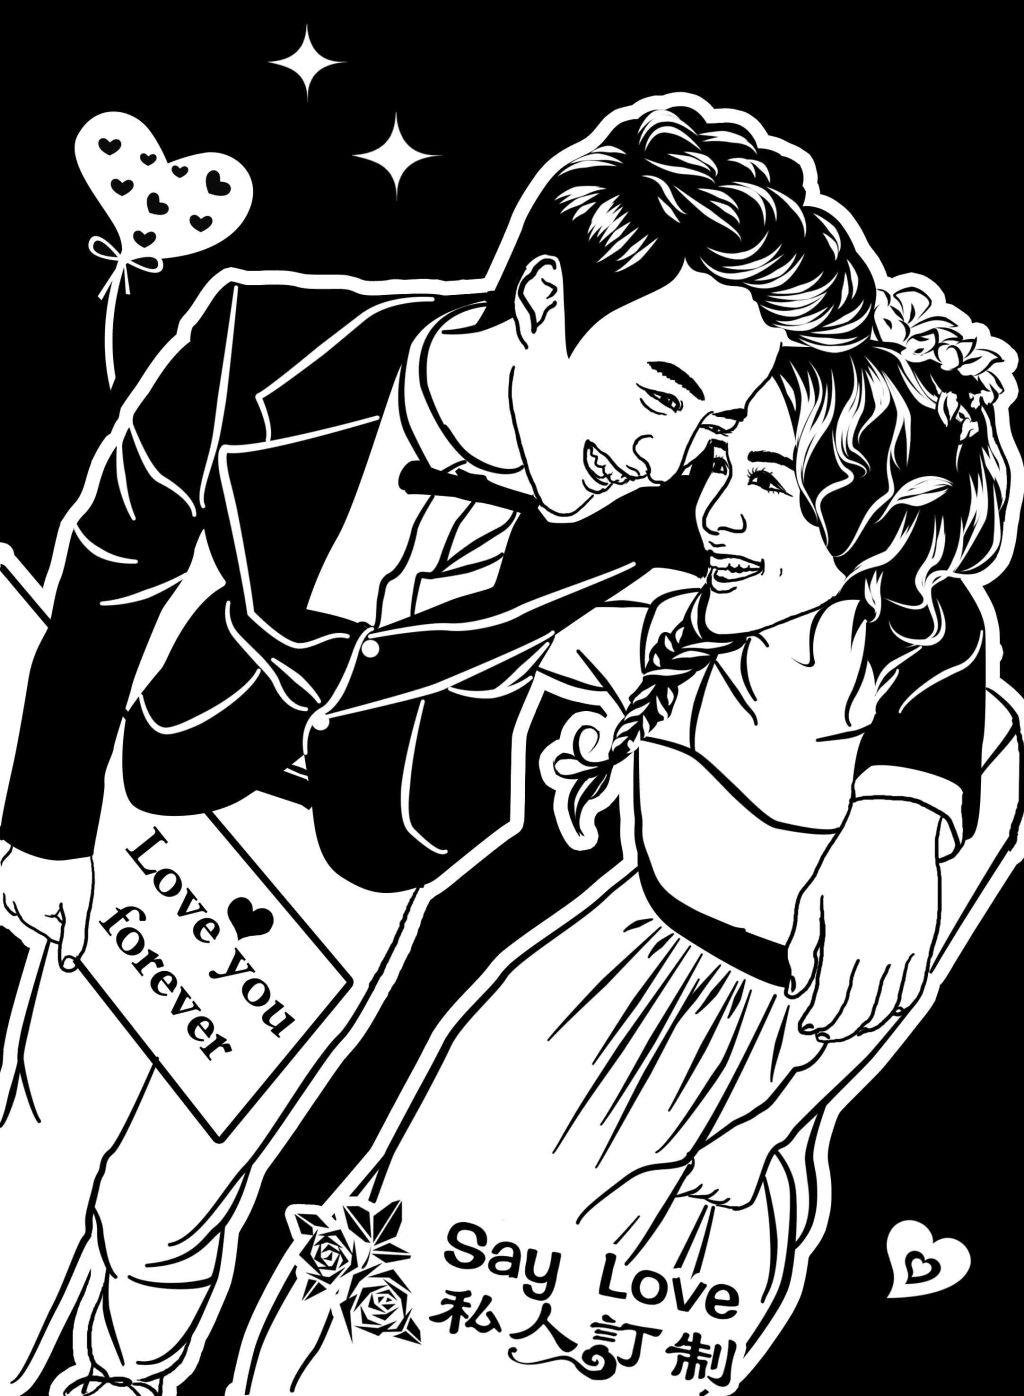 黑白简笔画 黑白简笔画免费下载 爱情 结婚 情侣 我爱你 笑脸